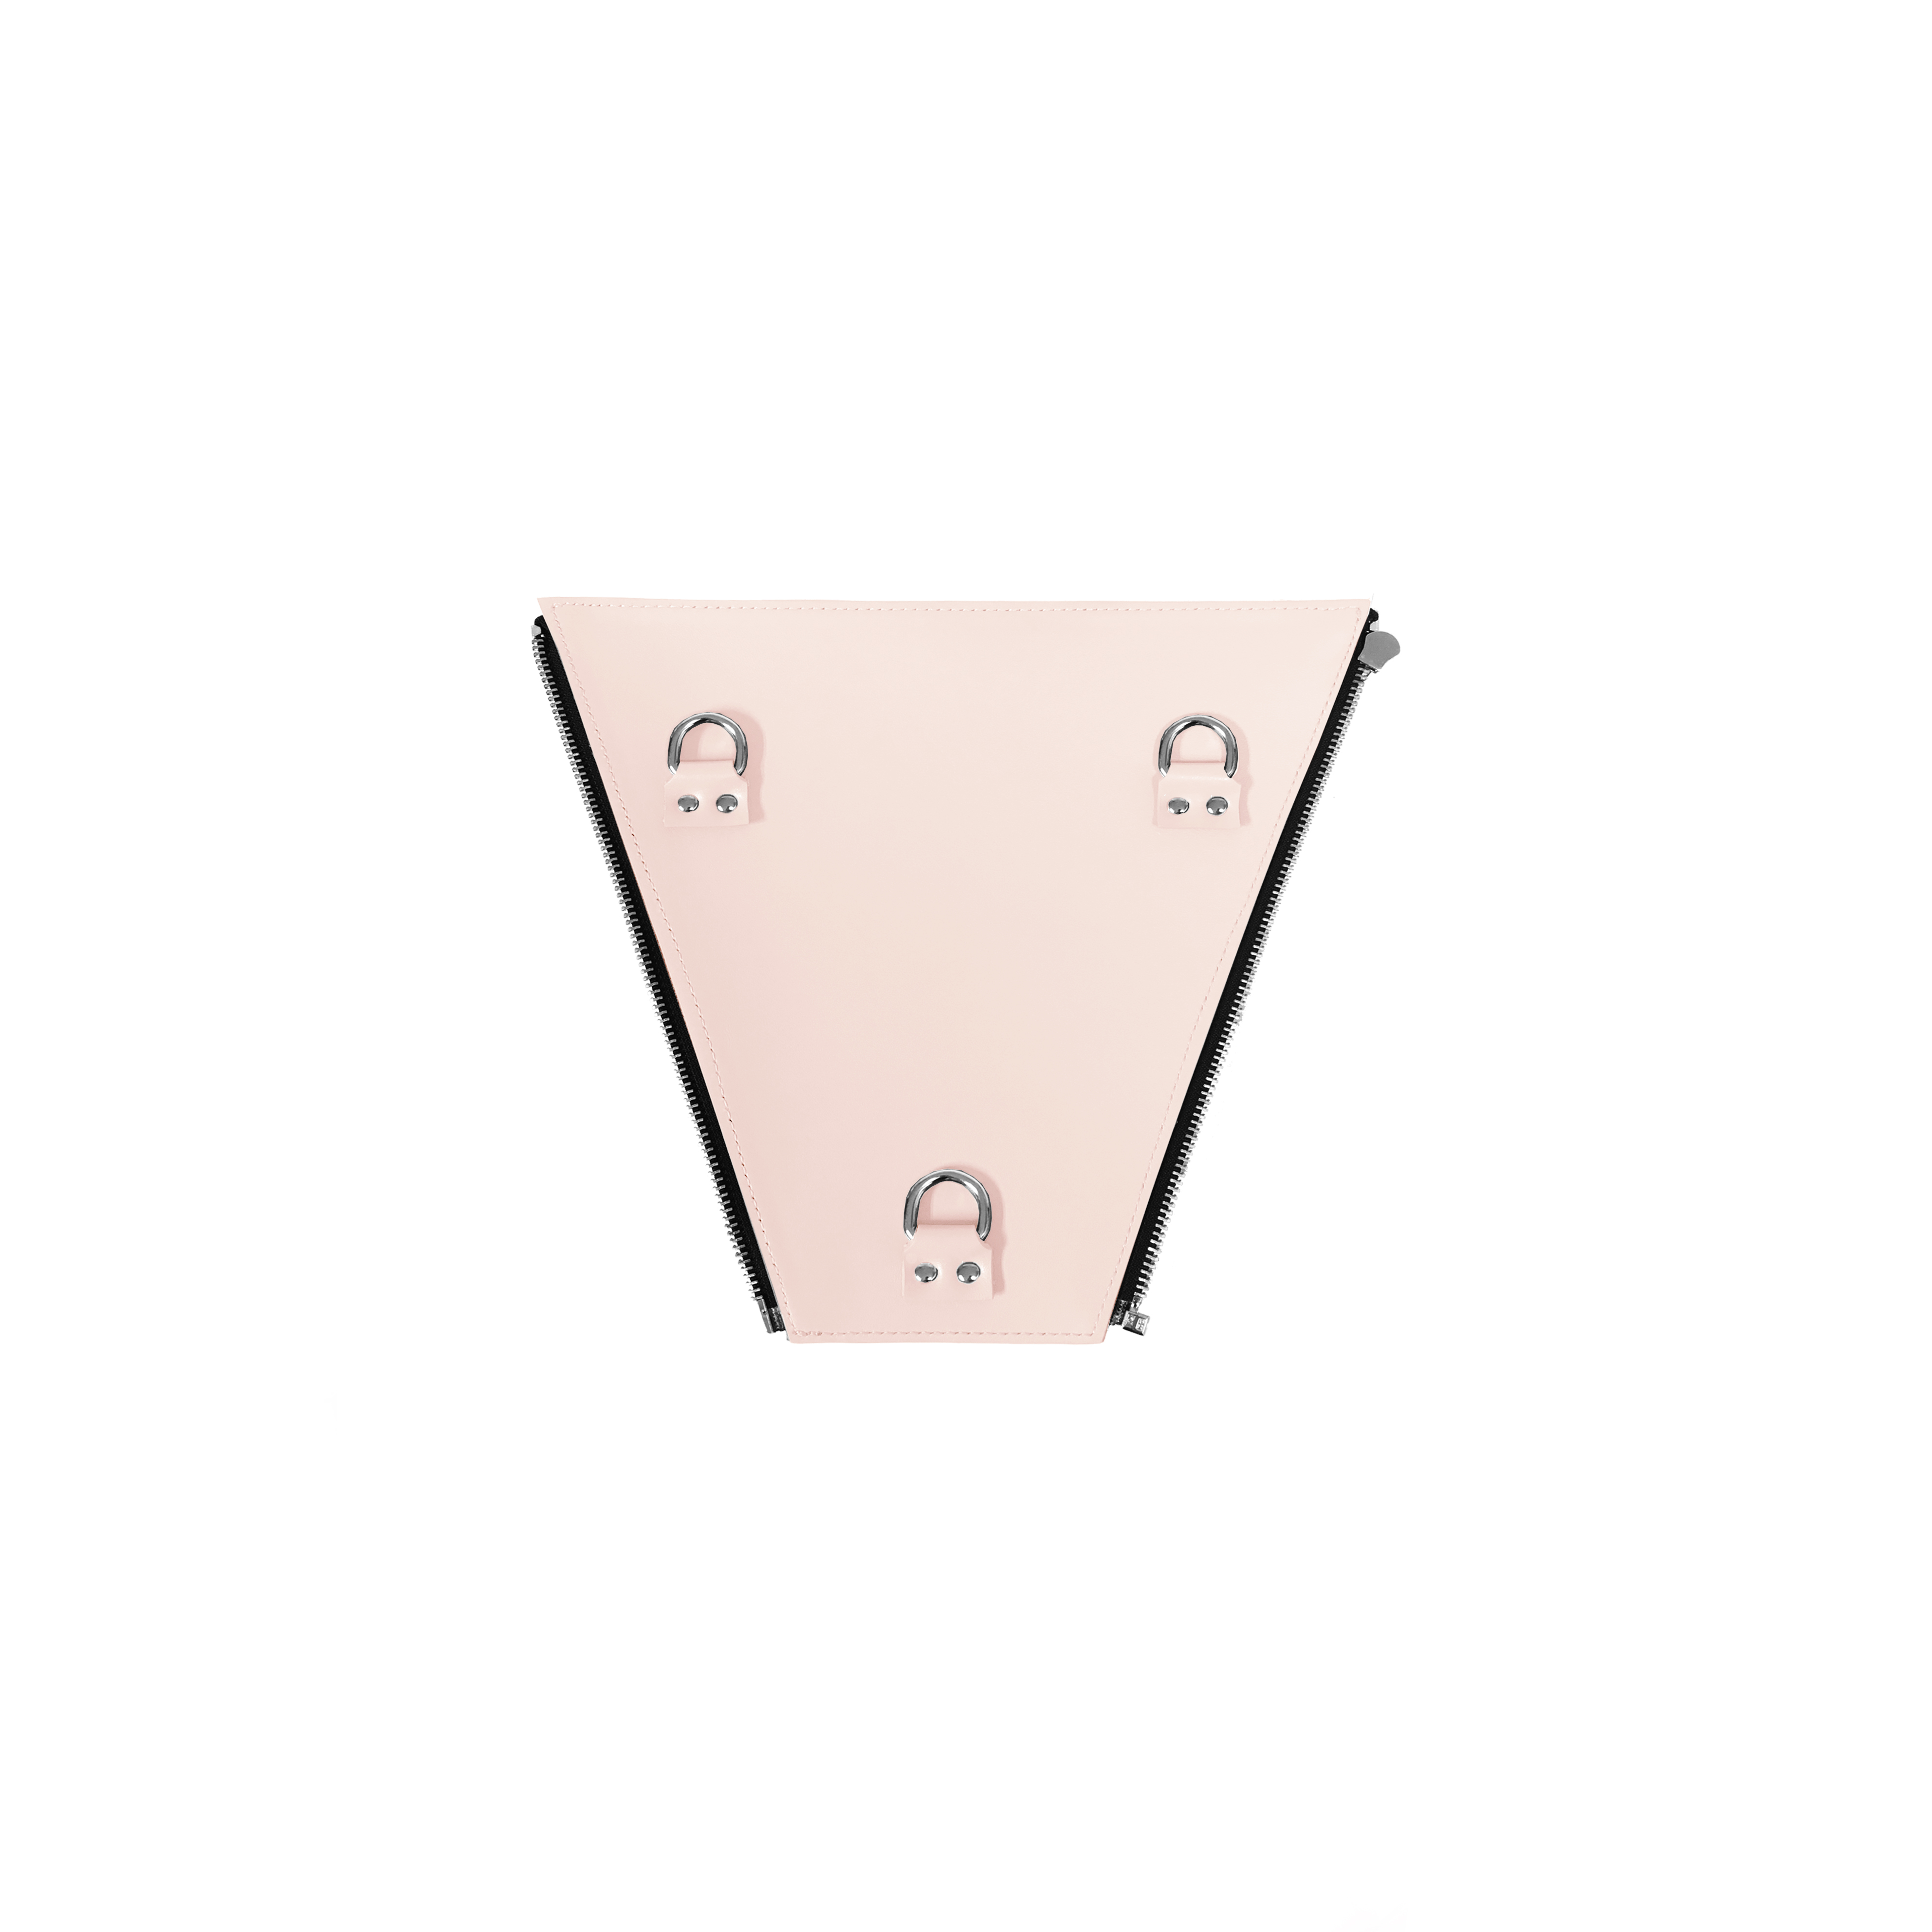 rózsaszín szőr kistáska, paneltáska hátizsák